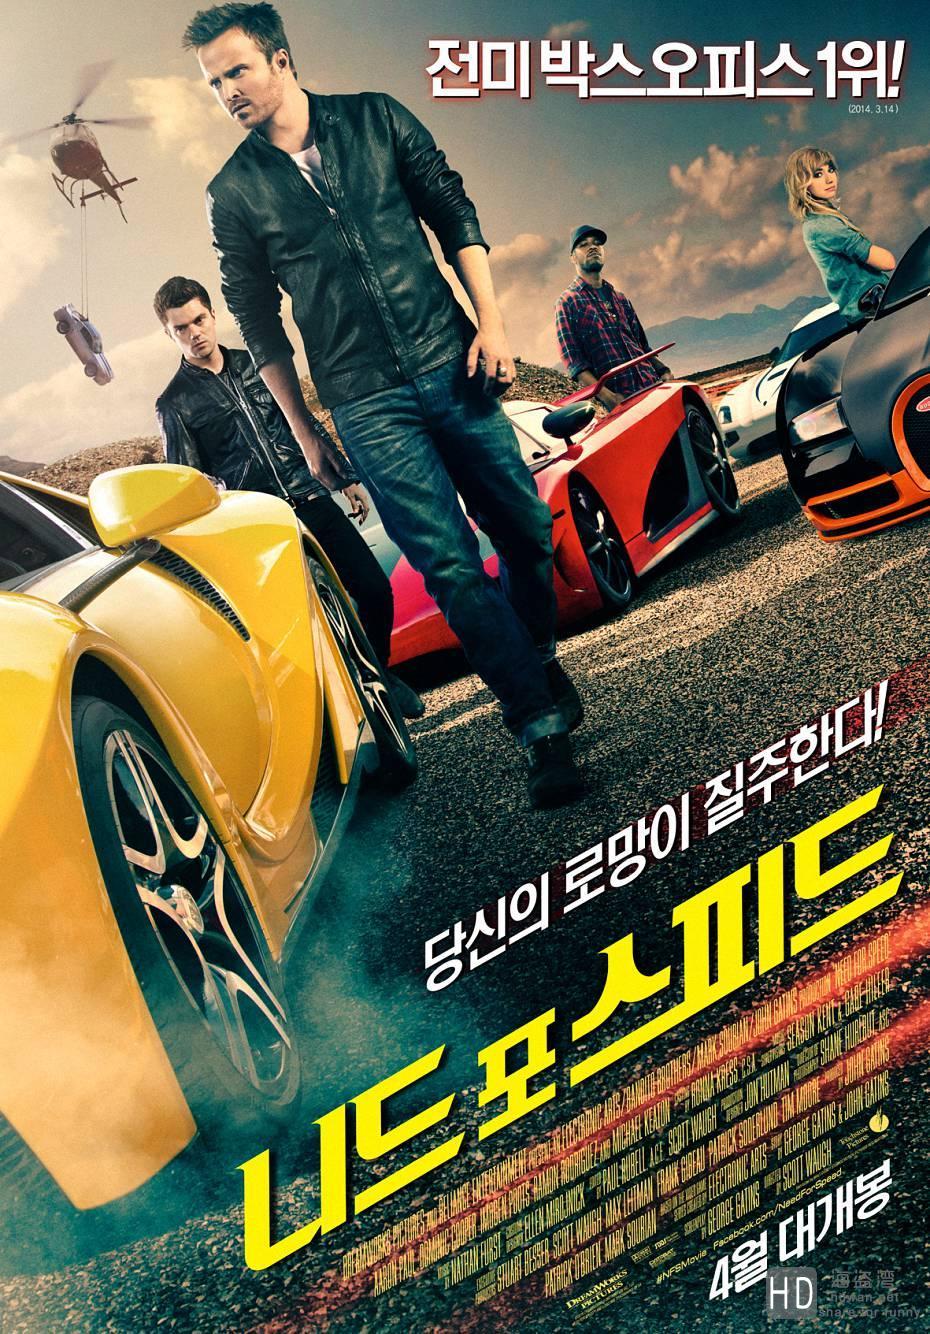 [2014][欧美][惊悚/犯罪/动作][极品飞车 Need for Speed][720P/1080P][中字版/无字版]